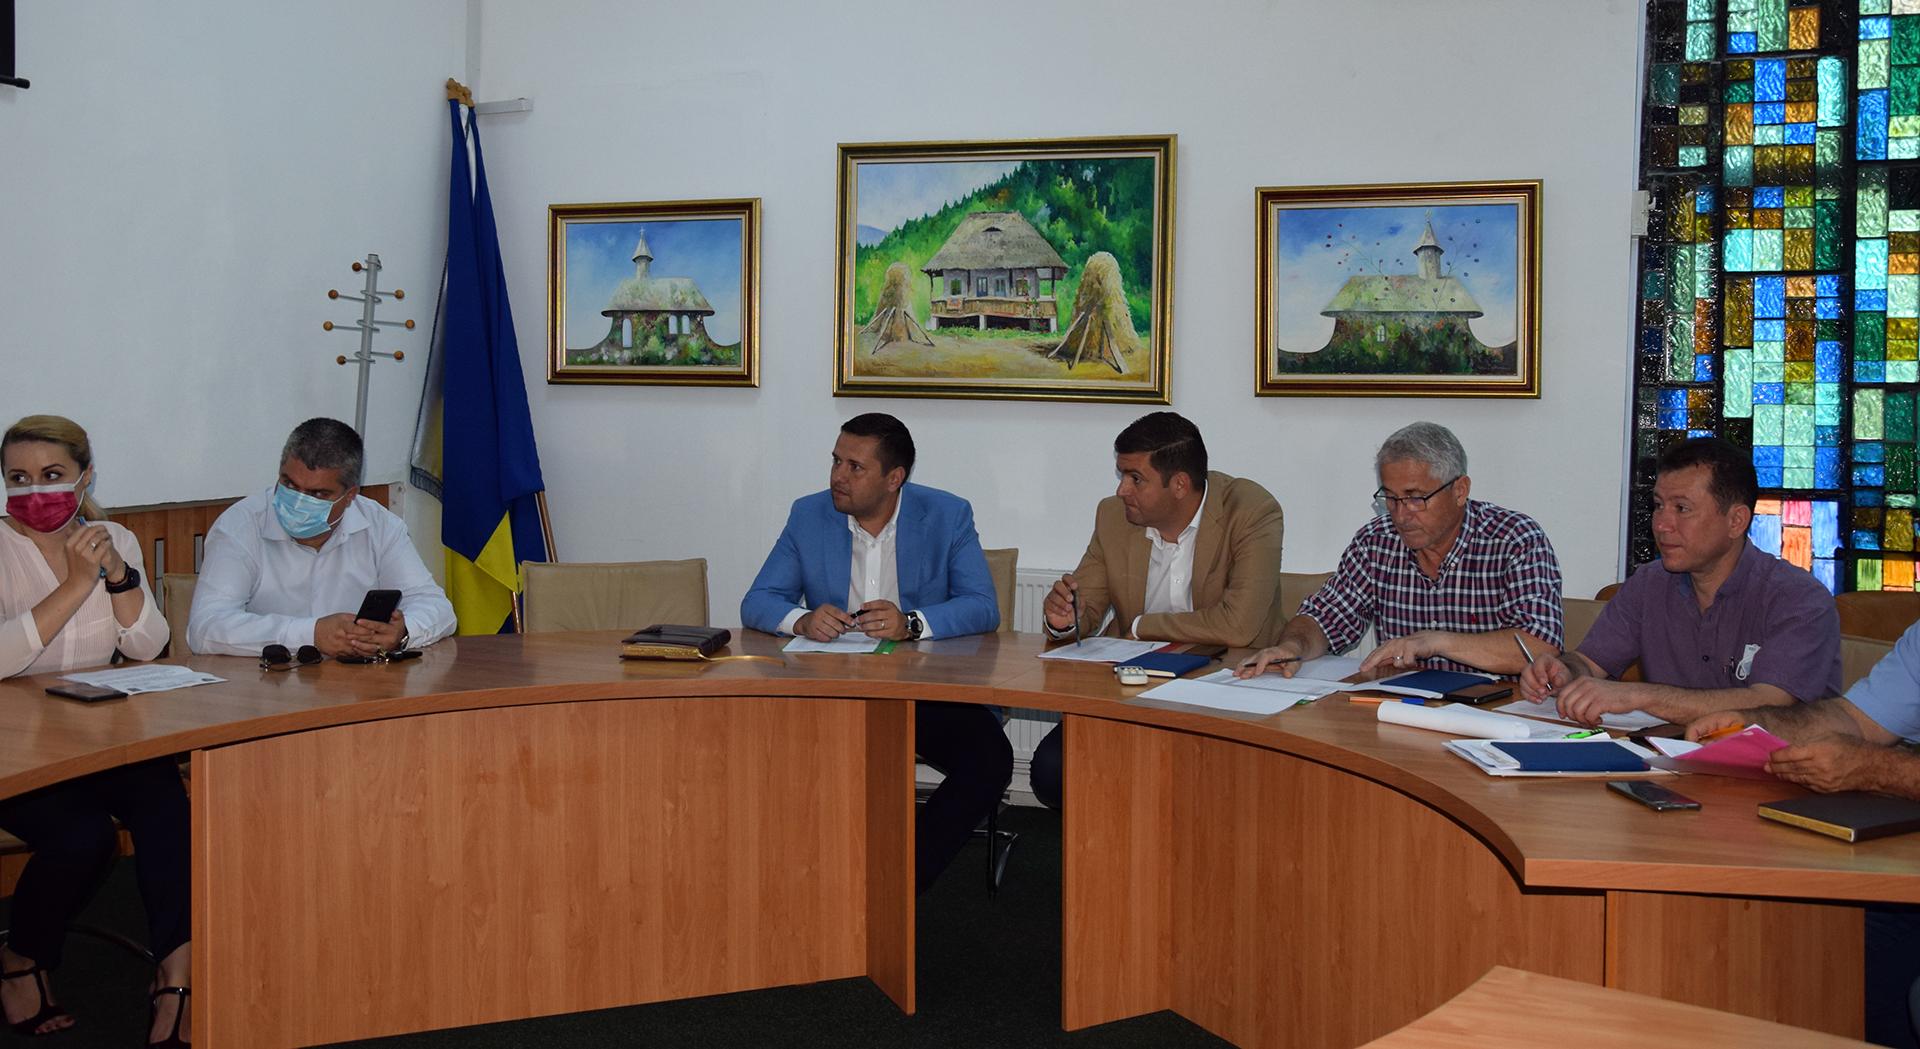 Întâlnire cu constructorii care activează pe șantierele din Dâmbovița